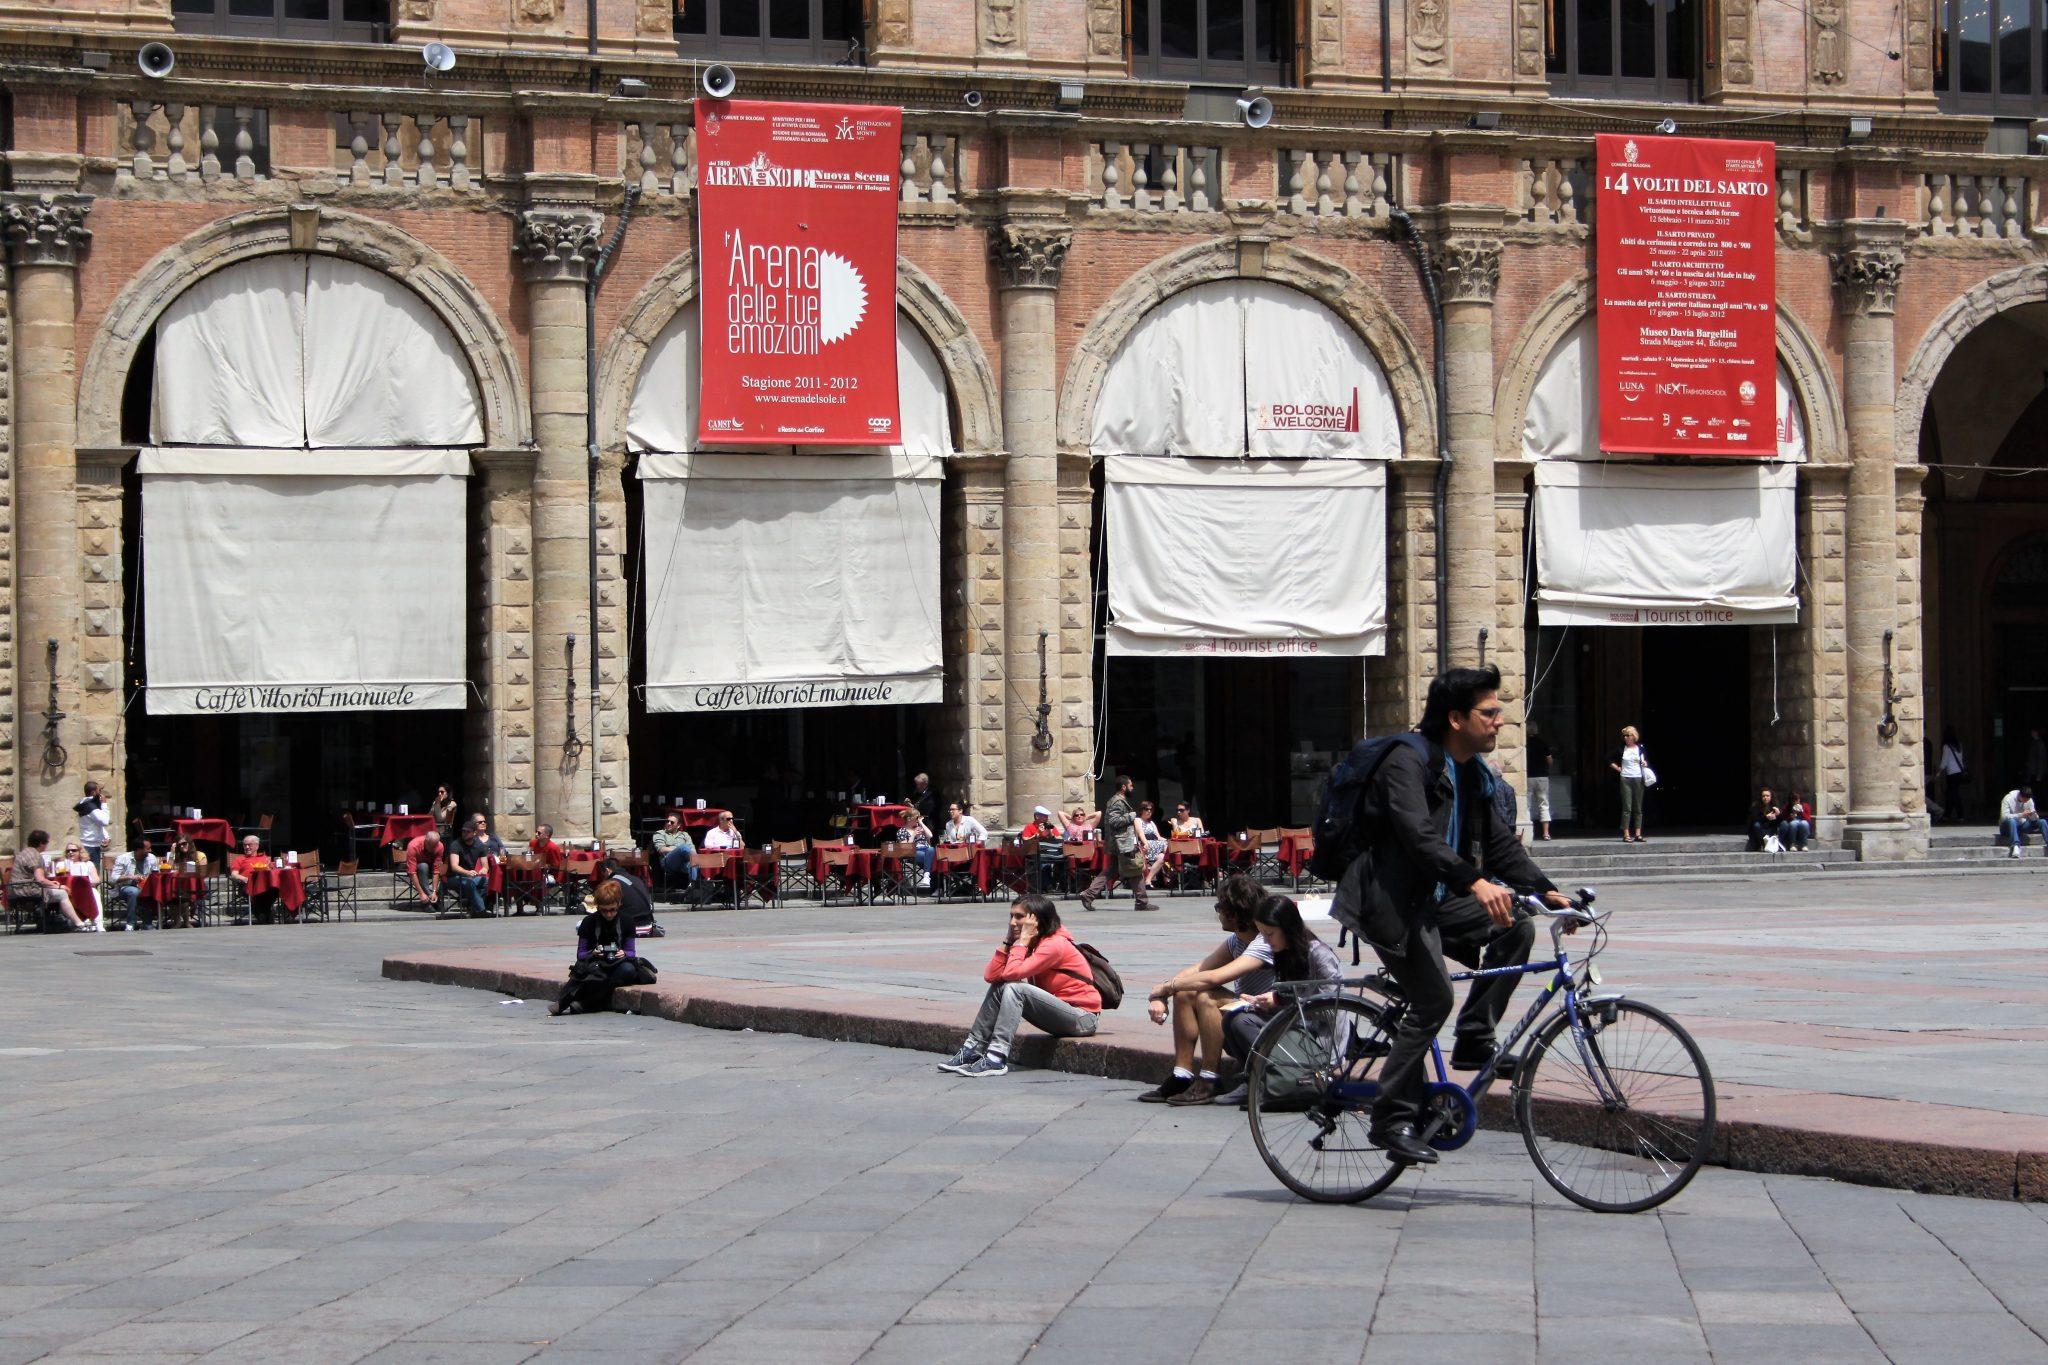 Bologna, la più amata dagli italiani (purché free lance e fuorisede)